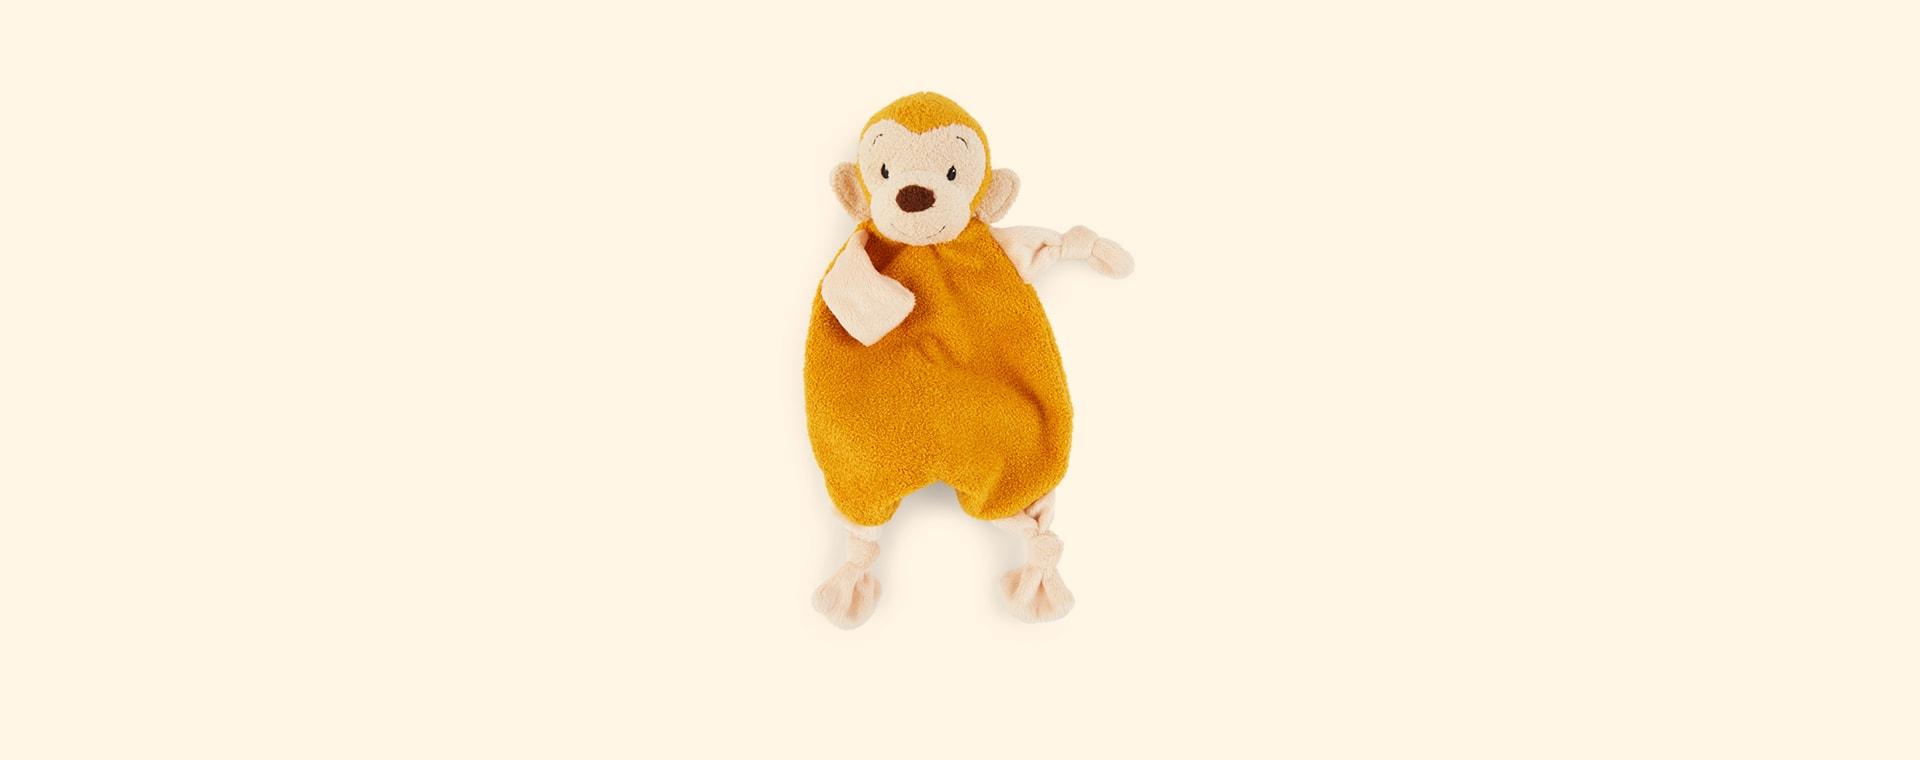 Mago the Monkey WWF - Cub Club Soother